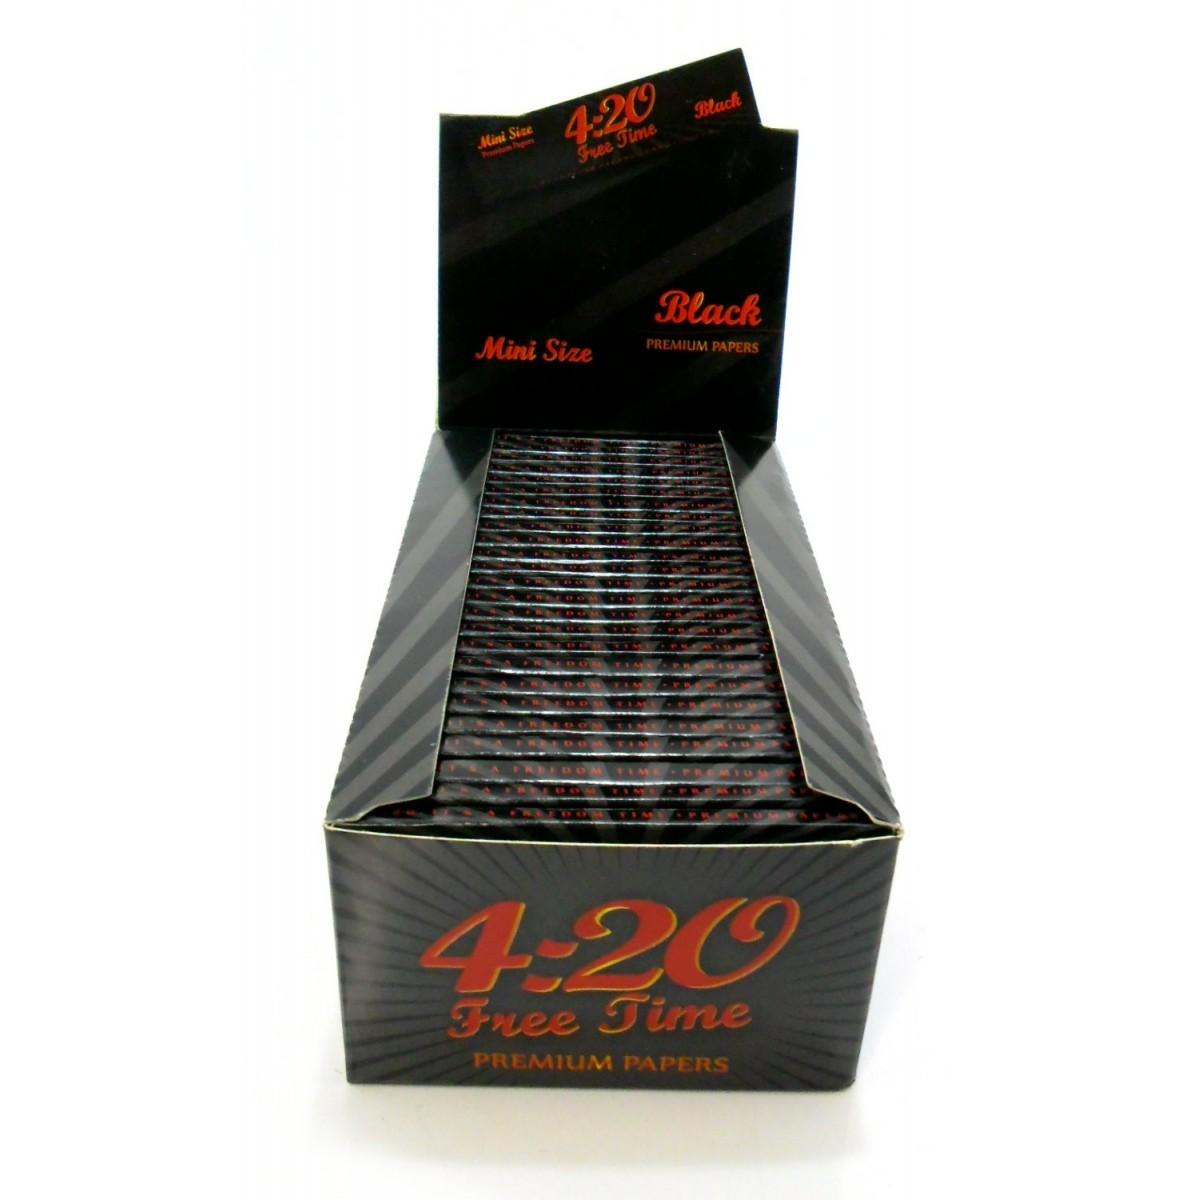 Caixa de seda 4:20 Free time Black - Pequeno 78mm - CAIXA 50 livros X 33 folhas